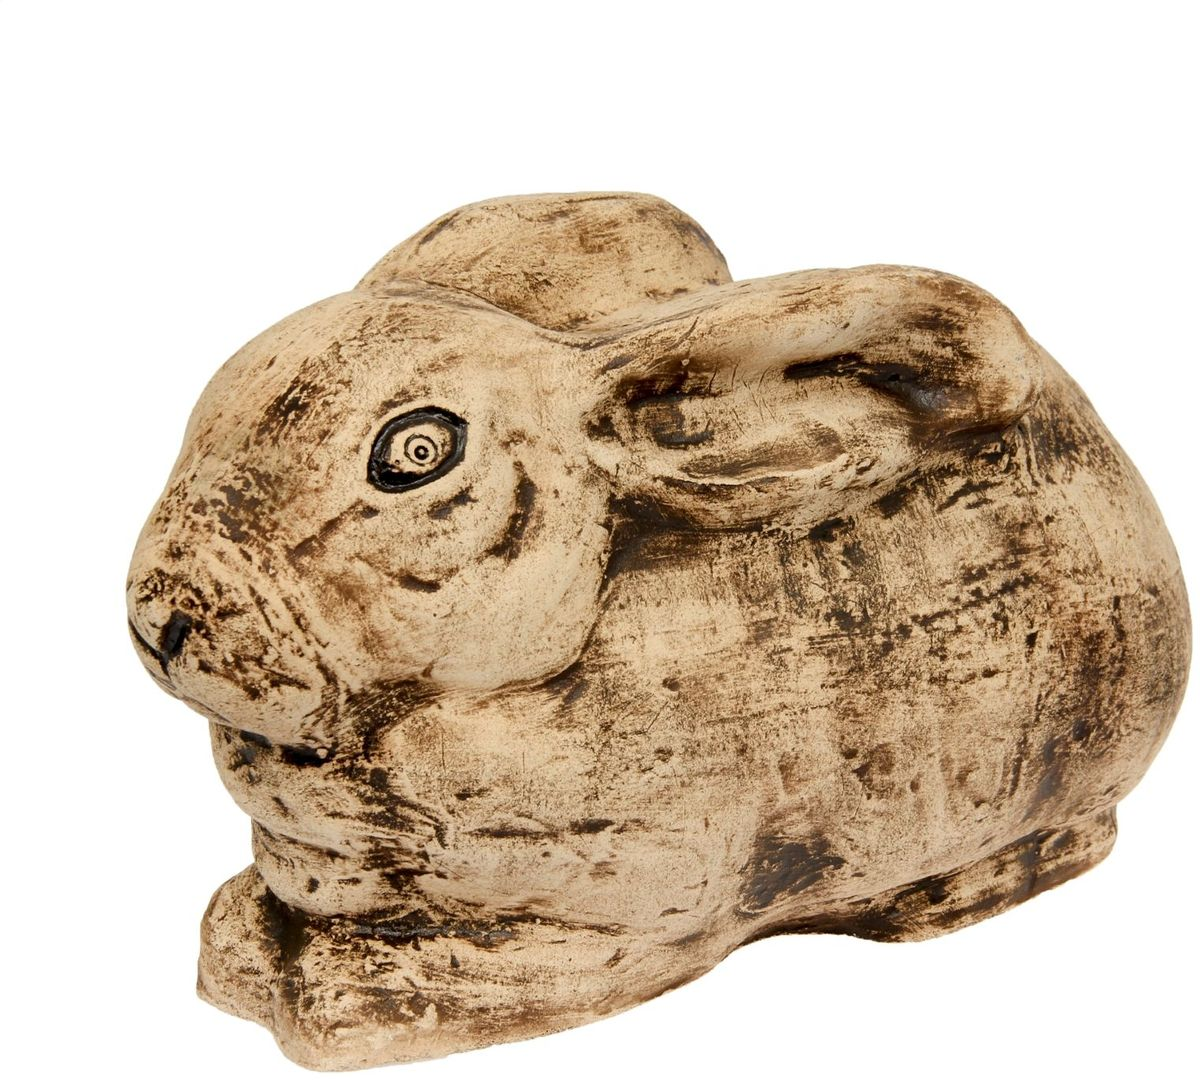 Фигура садовая Керамика ручной работы Кролик, 52 х 27 х 30 см1123942Садовая фигура Кролик оживит пространство сада или огорода. Она легко расставит нужные акценты: приманит взор к водоёму или привлечёт внимание к цветочной клумбе. Садовая фигура из шамотной глины прекрасно подходит для уличных условий. Этому экологичному материалу не страшны ни влага, ни ультрафиолет, ни перепады температуры.